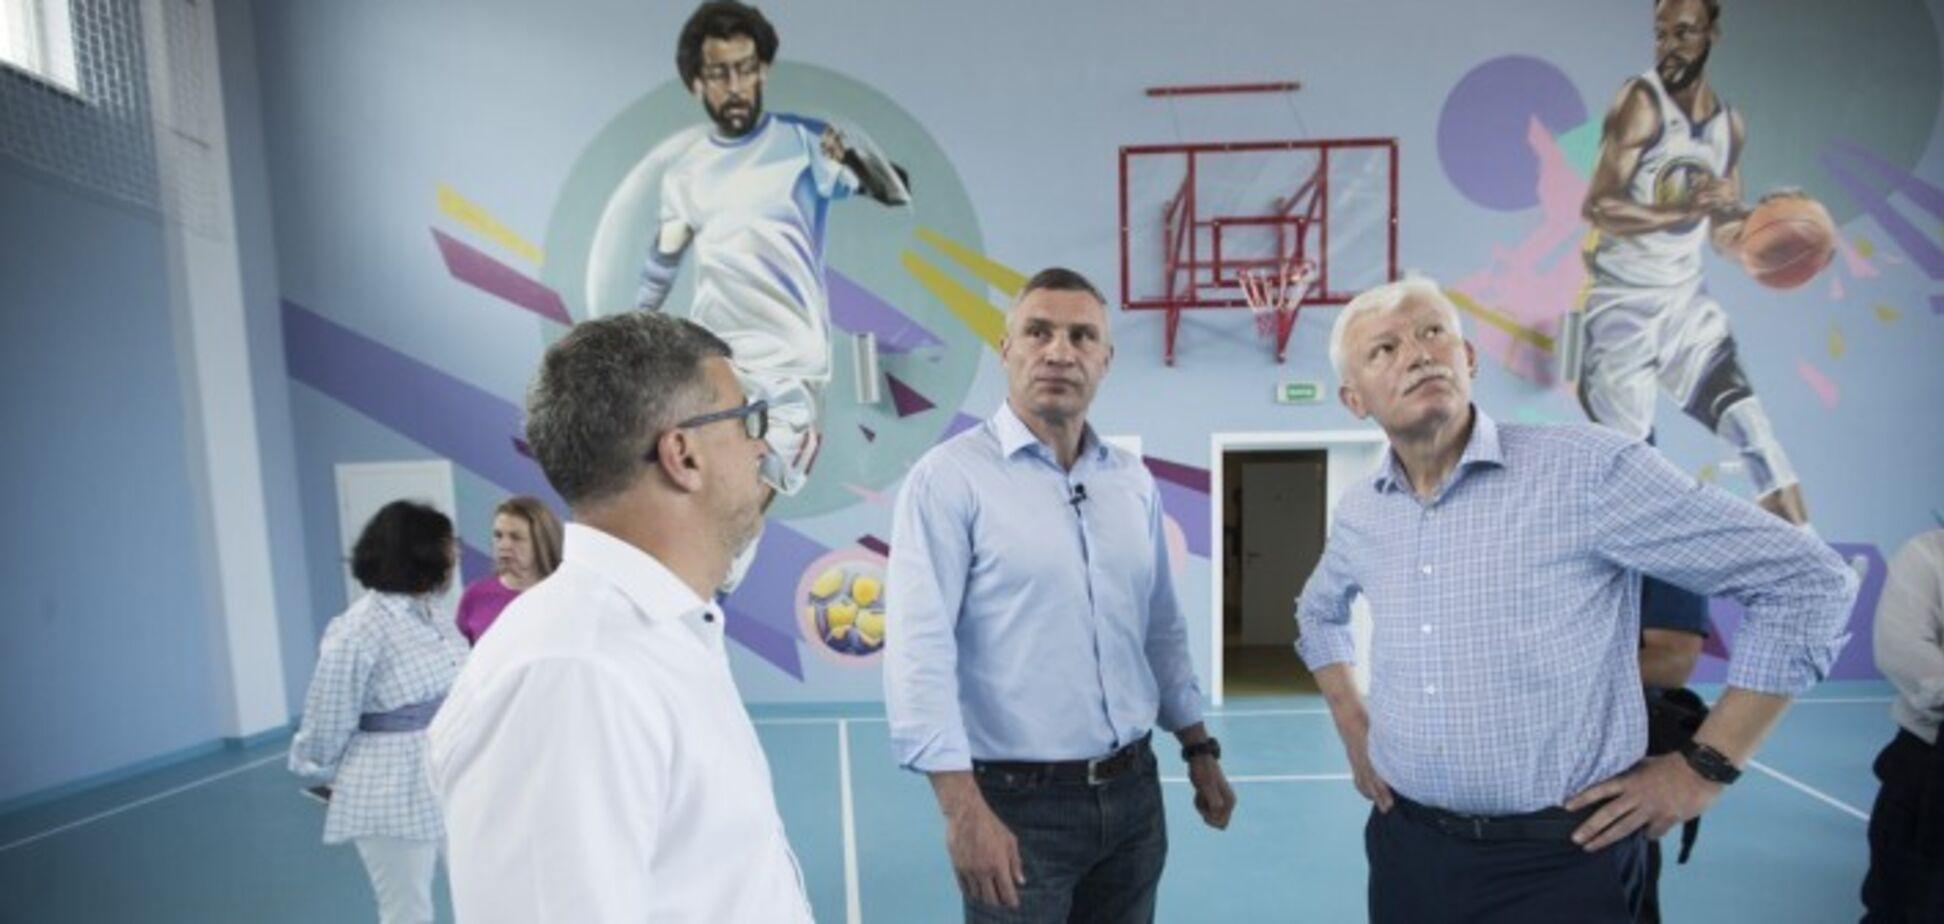 Кличко показав нову школу в Києві, яка відкриється 1 вересня. Відео